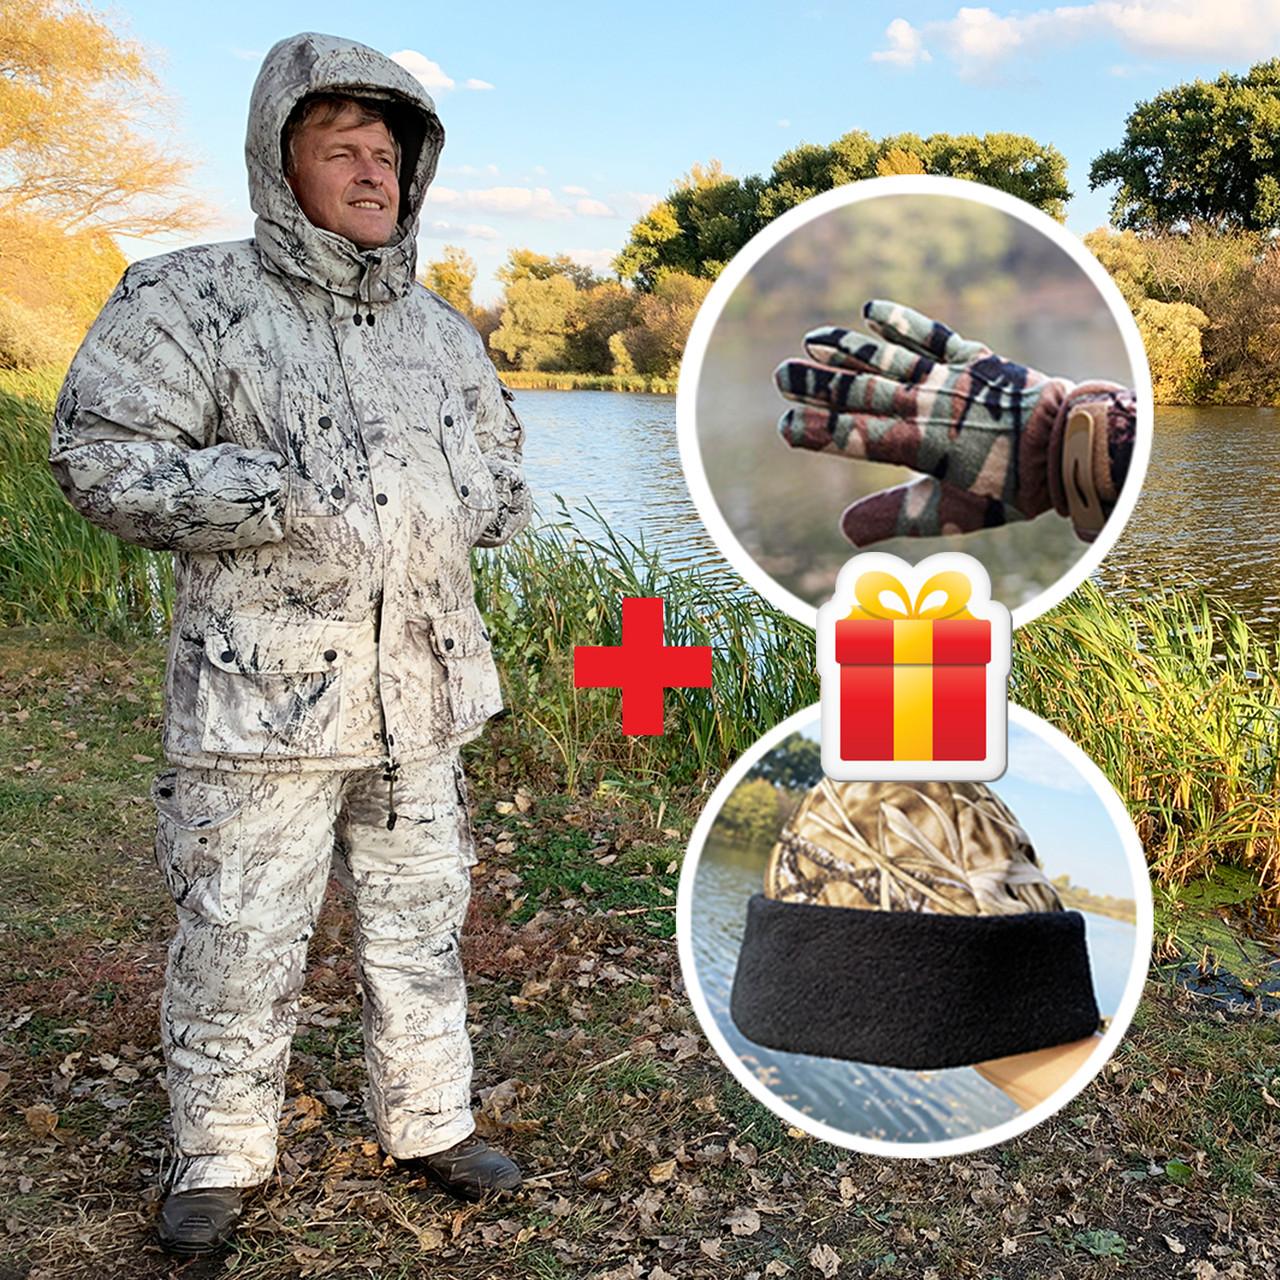 """Зимний костюм до -40° """"Mavens Тайга"""" Эверест, для рыбалки, охоты, работы в холоде, размер 64-66 (031-0019)"""